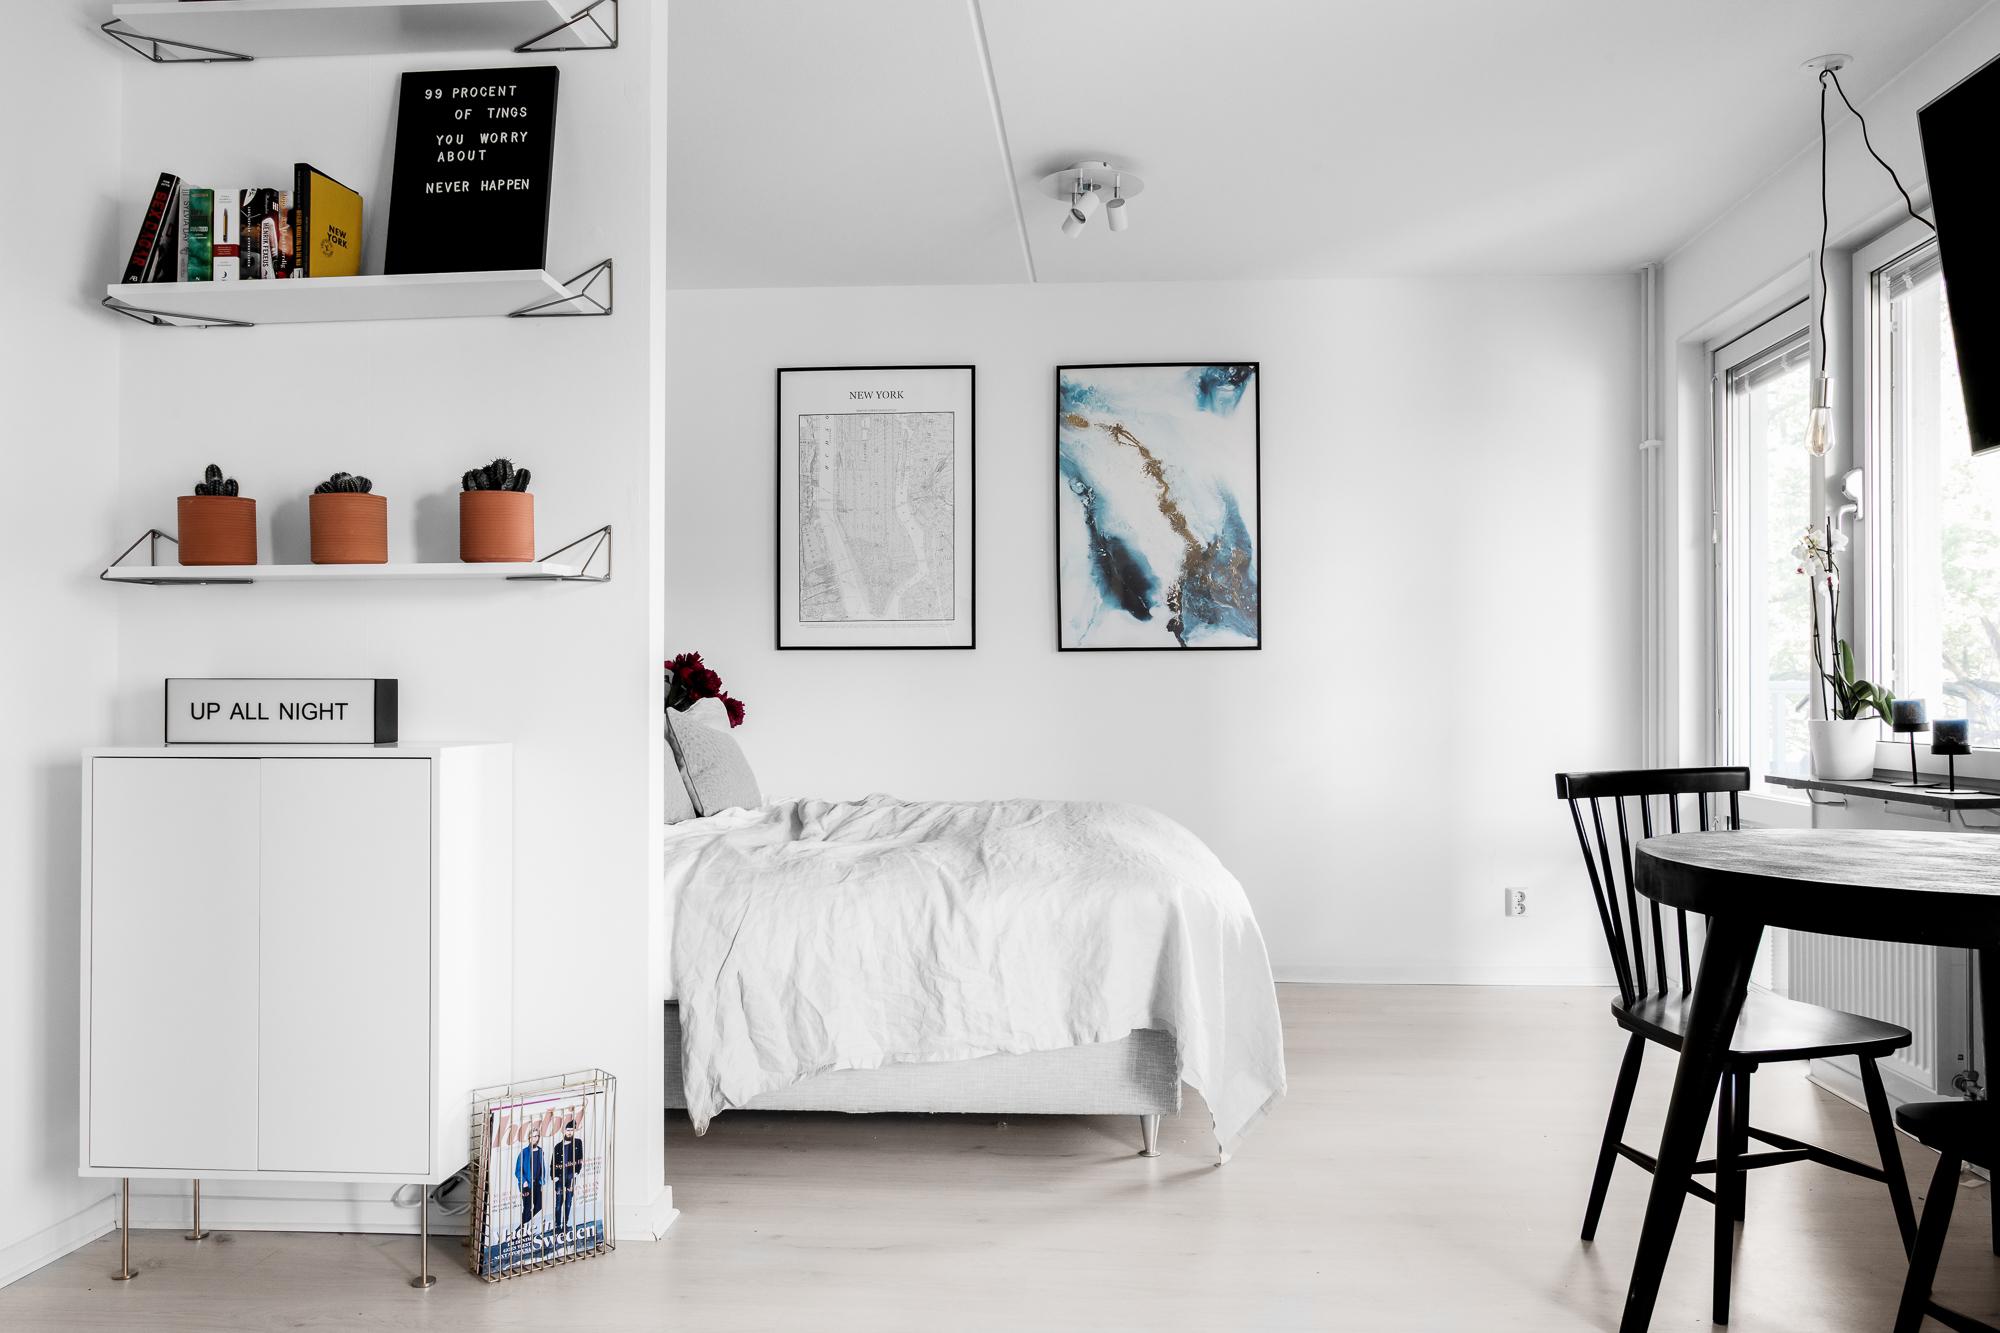 Creatief ingericht klein appartement met half open slaapkamer